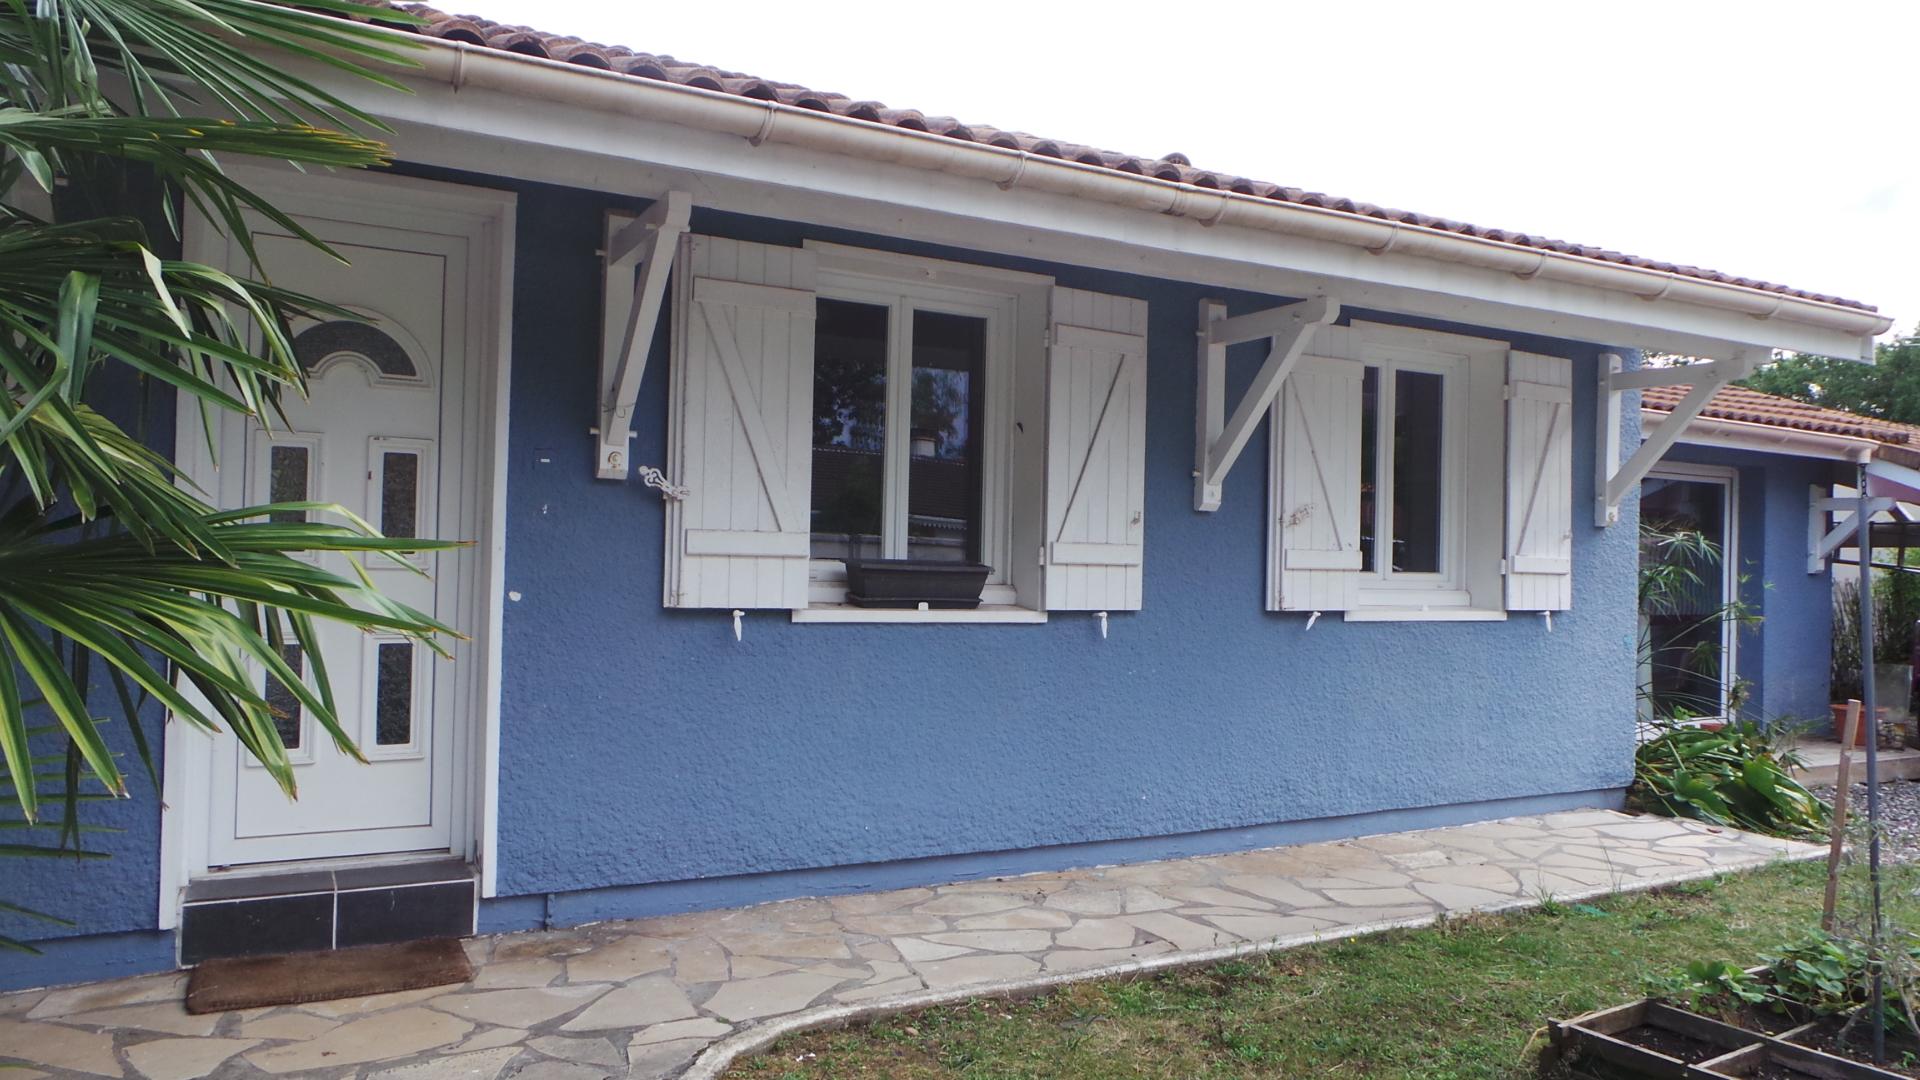 Maison 5 pièces 115 m² – Sainte-Hélène 33480